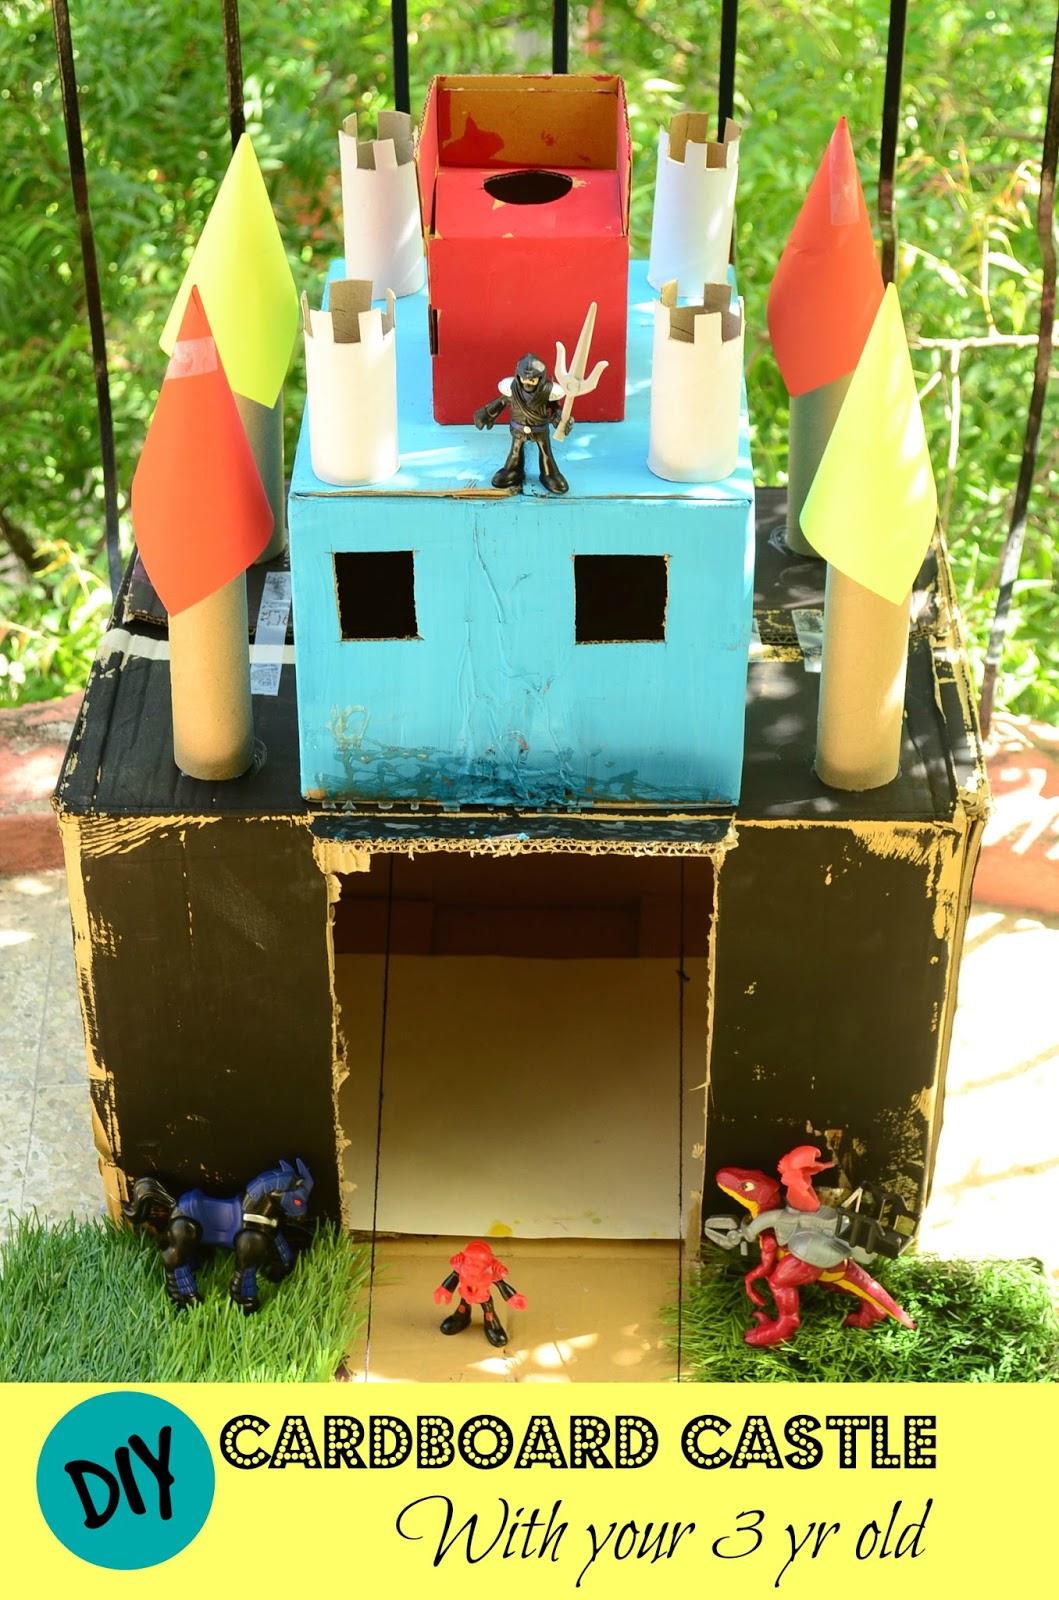 DIY Cardboard Castle - Featured Post HMLP 45